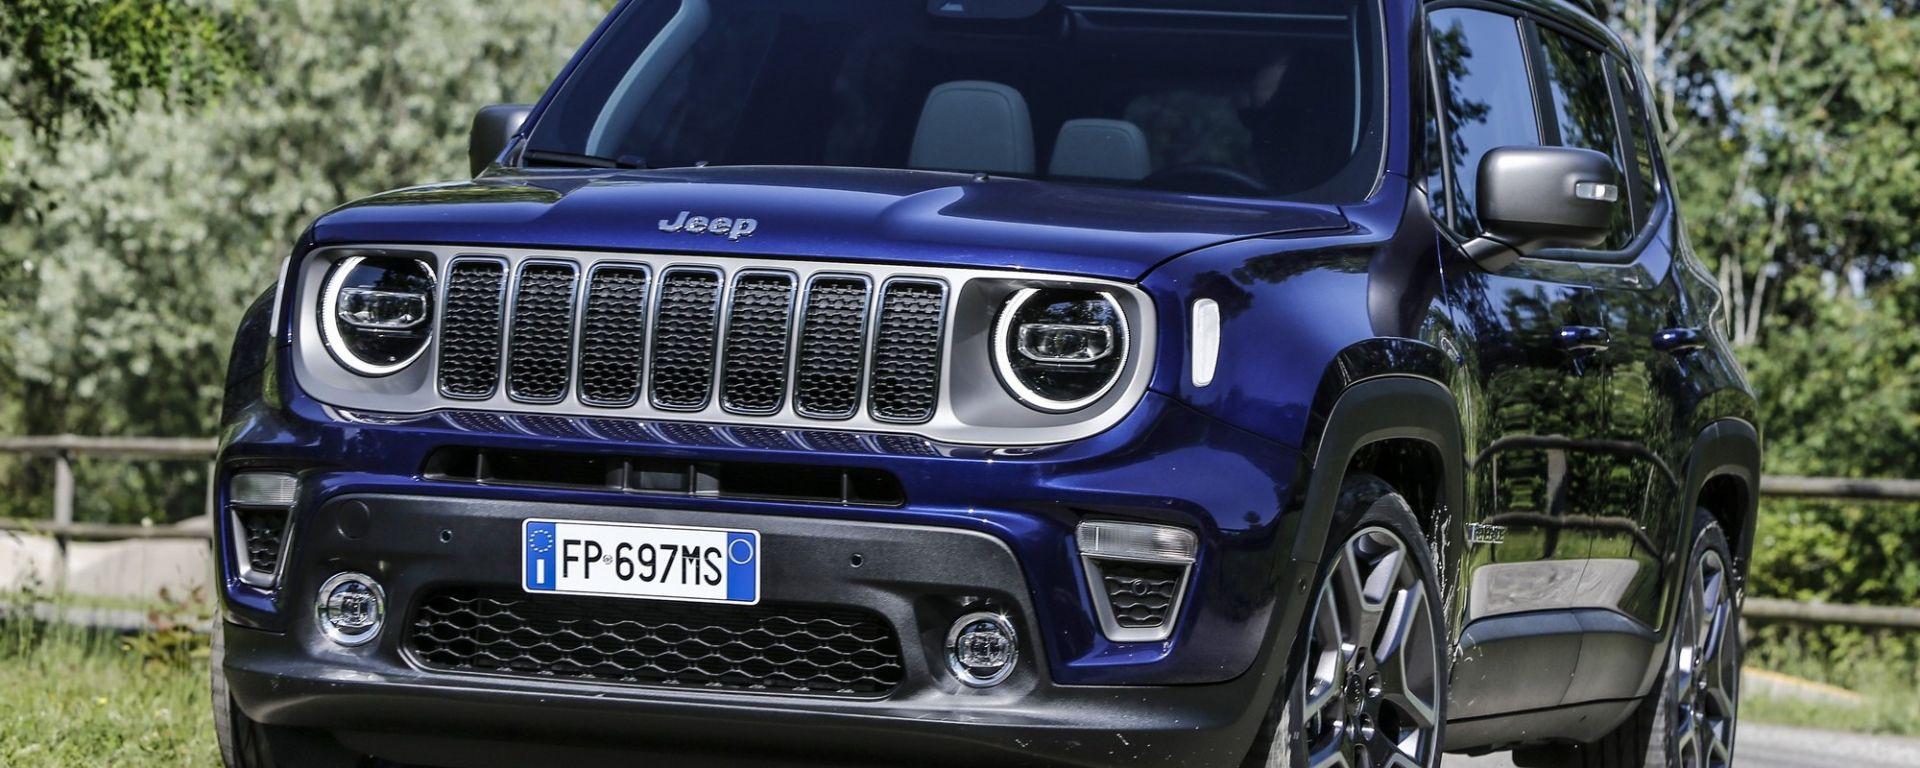 Jeep Renegade Restyling 2018 >> Nuova Jeep Renegade 2019: le novità del restyling, motori, prezzo - MotorBox